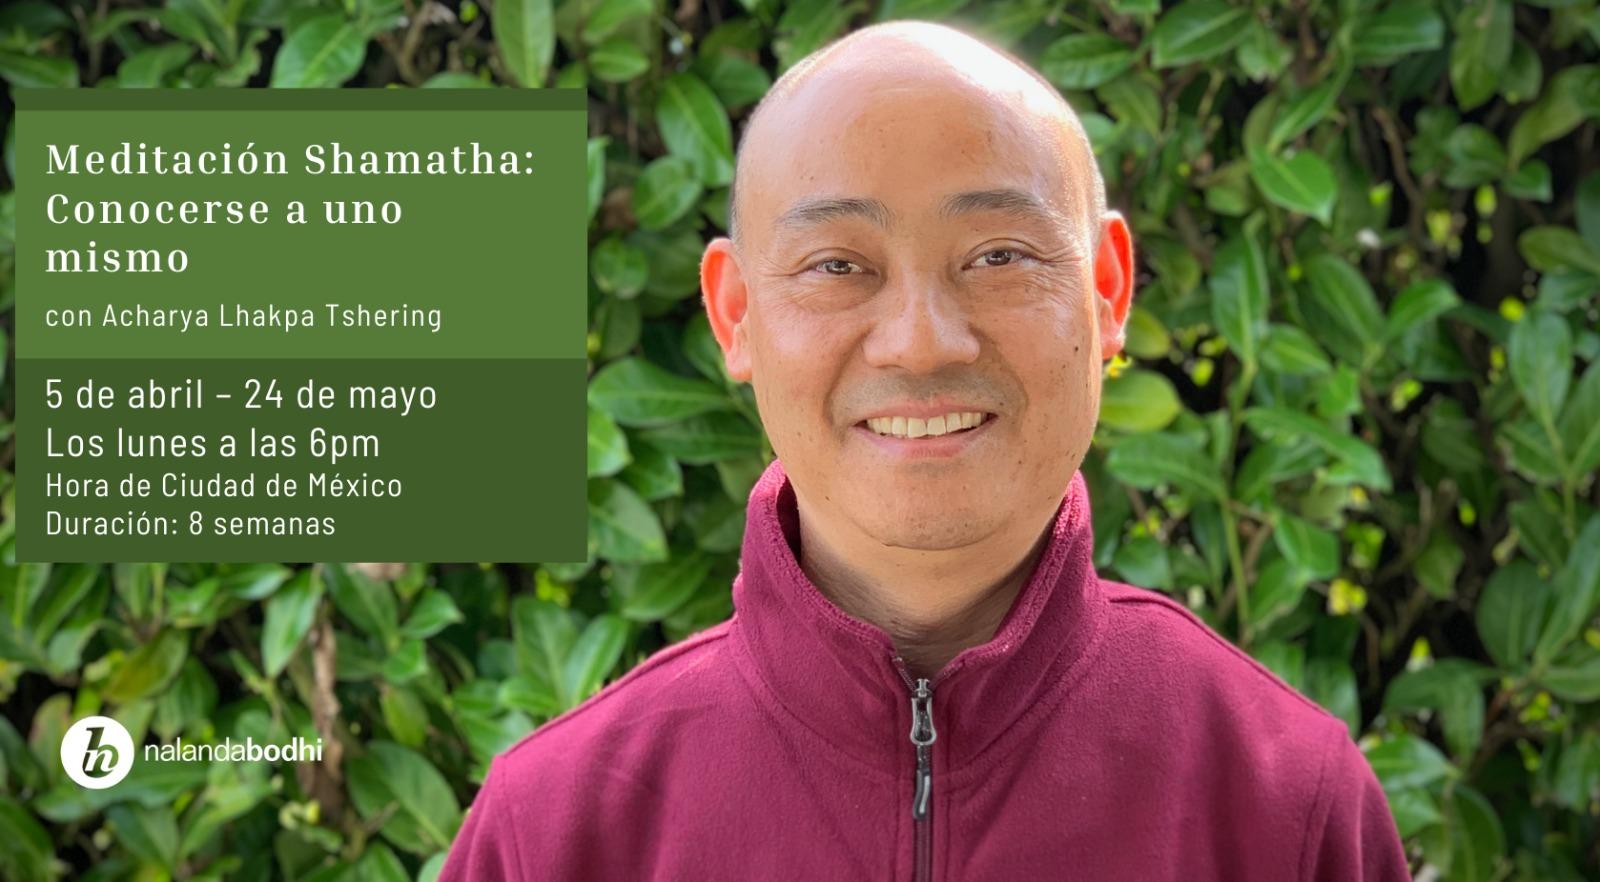 Curso de Meditación de Morar en Calma: Conocerse a uno mismo con Acharya Lhakpa Tshering